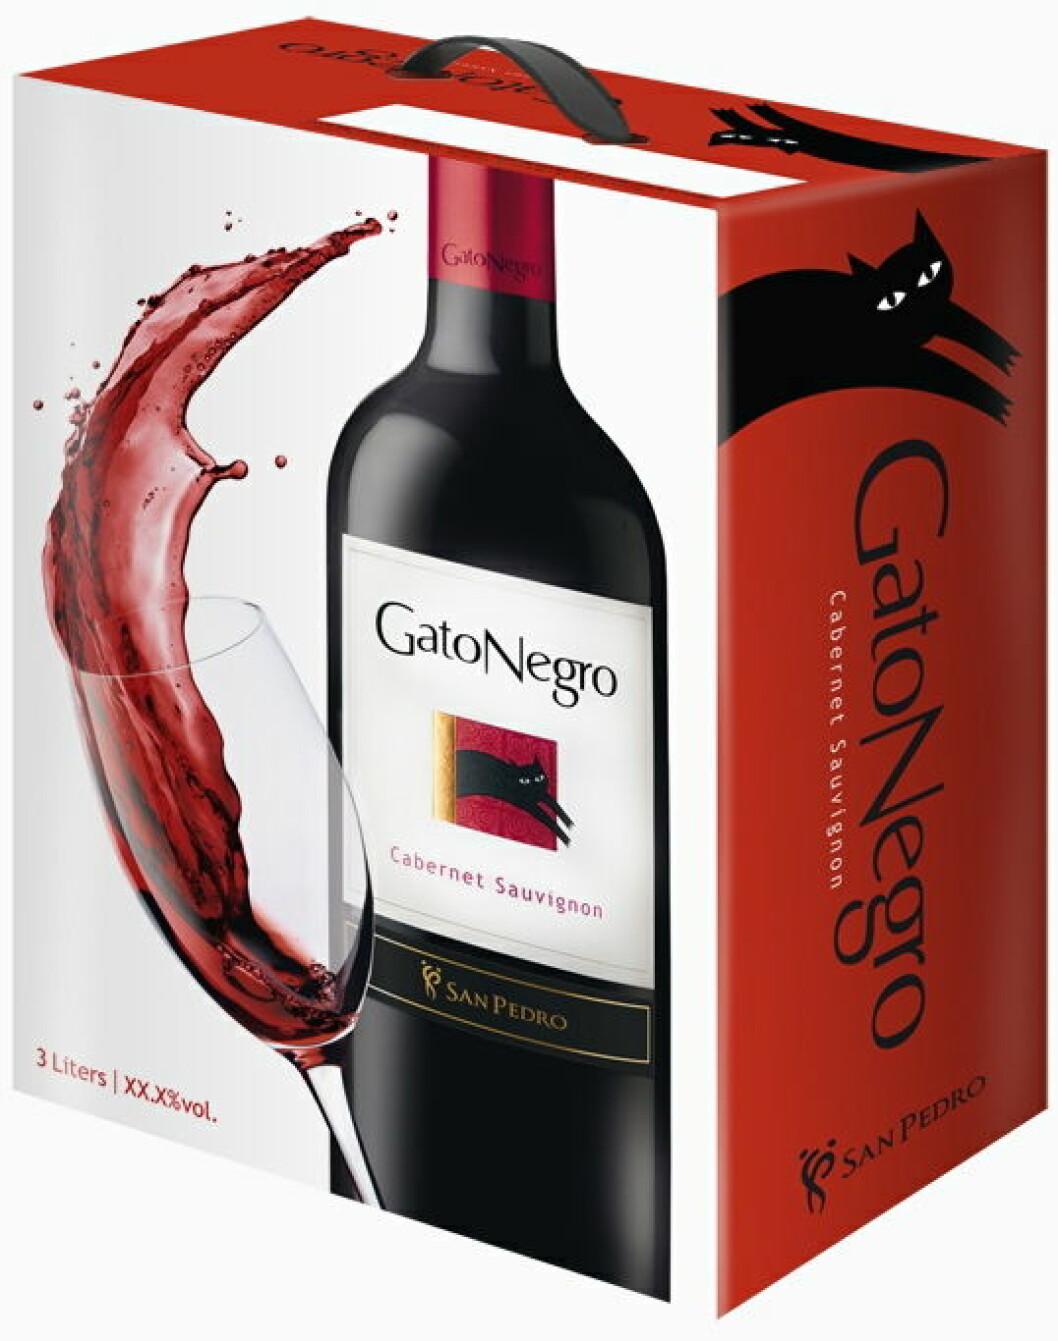 Gato Negro 2008 Ny design